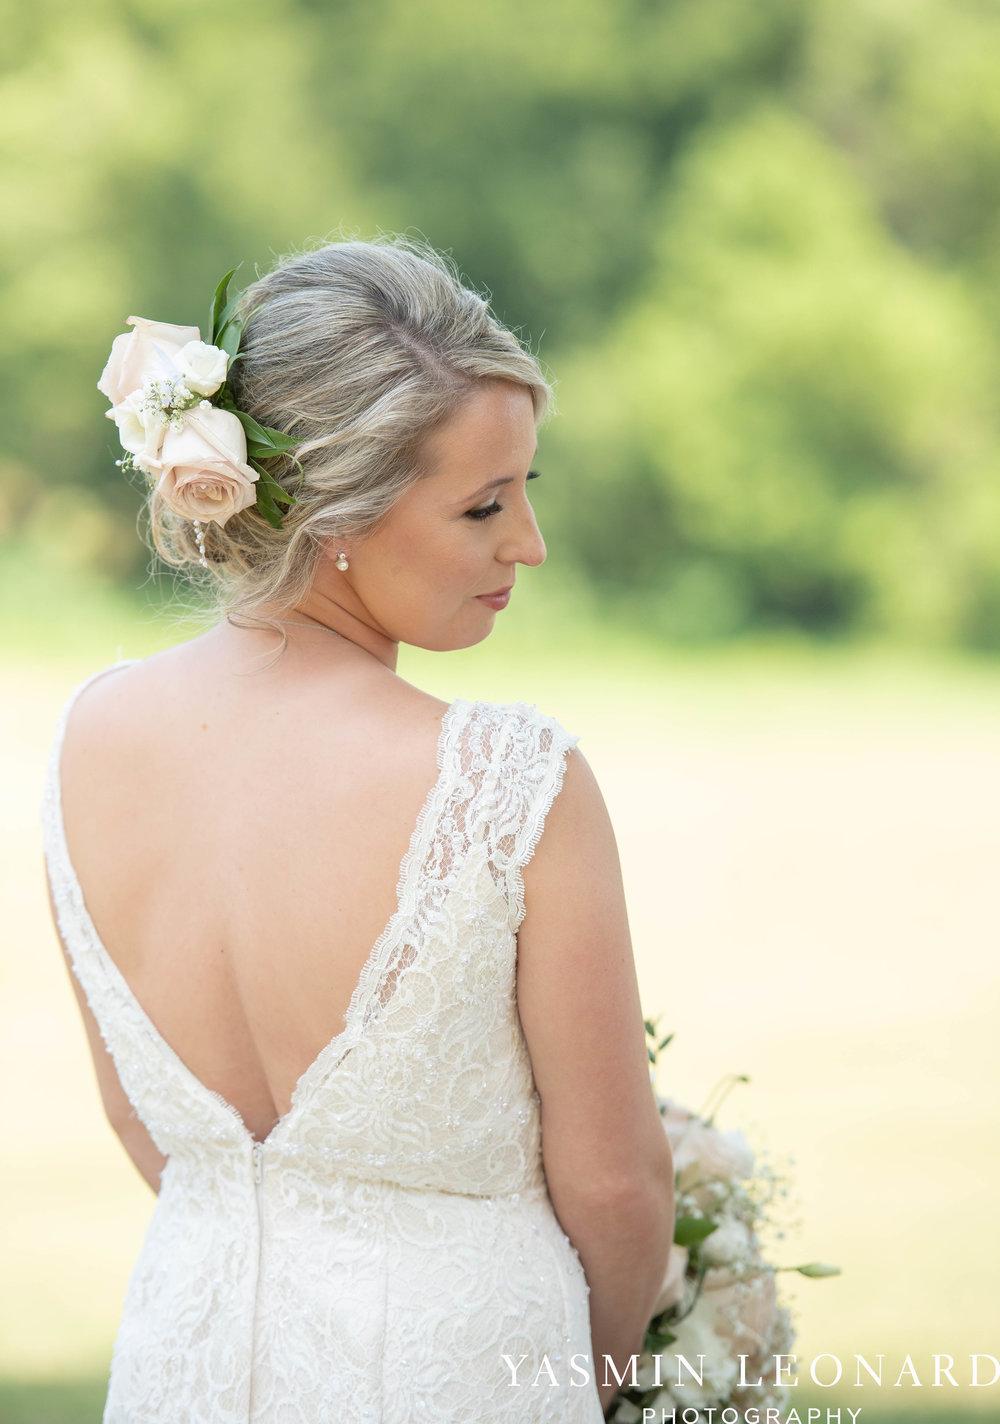 L'abri at Linwood - Yasmin Leonard Photography - NC Wedding Venues - NC Weddings - NC Photographer - High Point Wedding Photographer - Charlotte Wedding Photographer - Pink and Navy Wedding - Pale Pink Wedding - Outdoor Summer Wedding-11.jpg